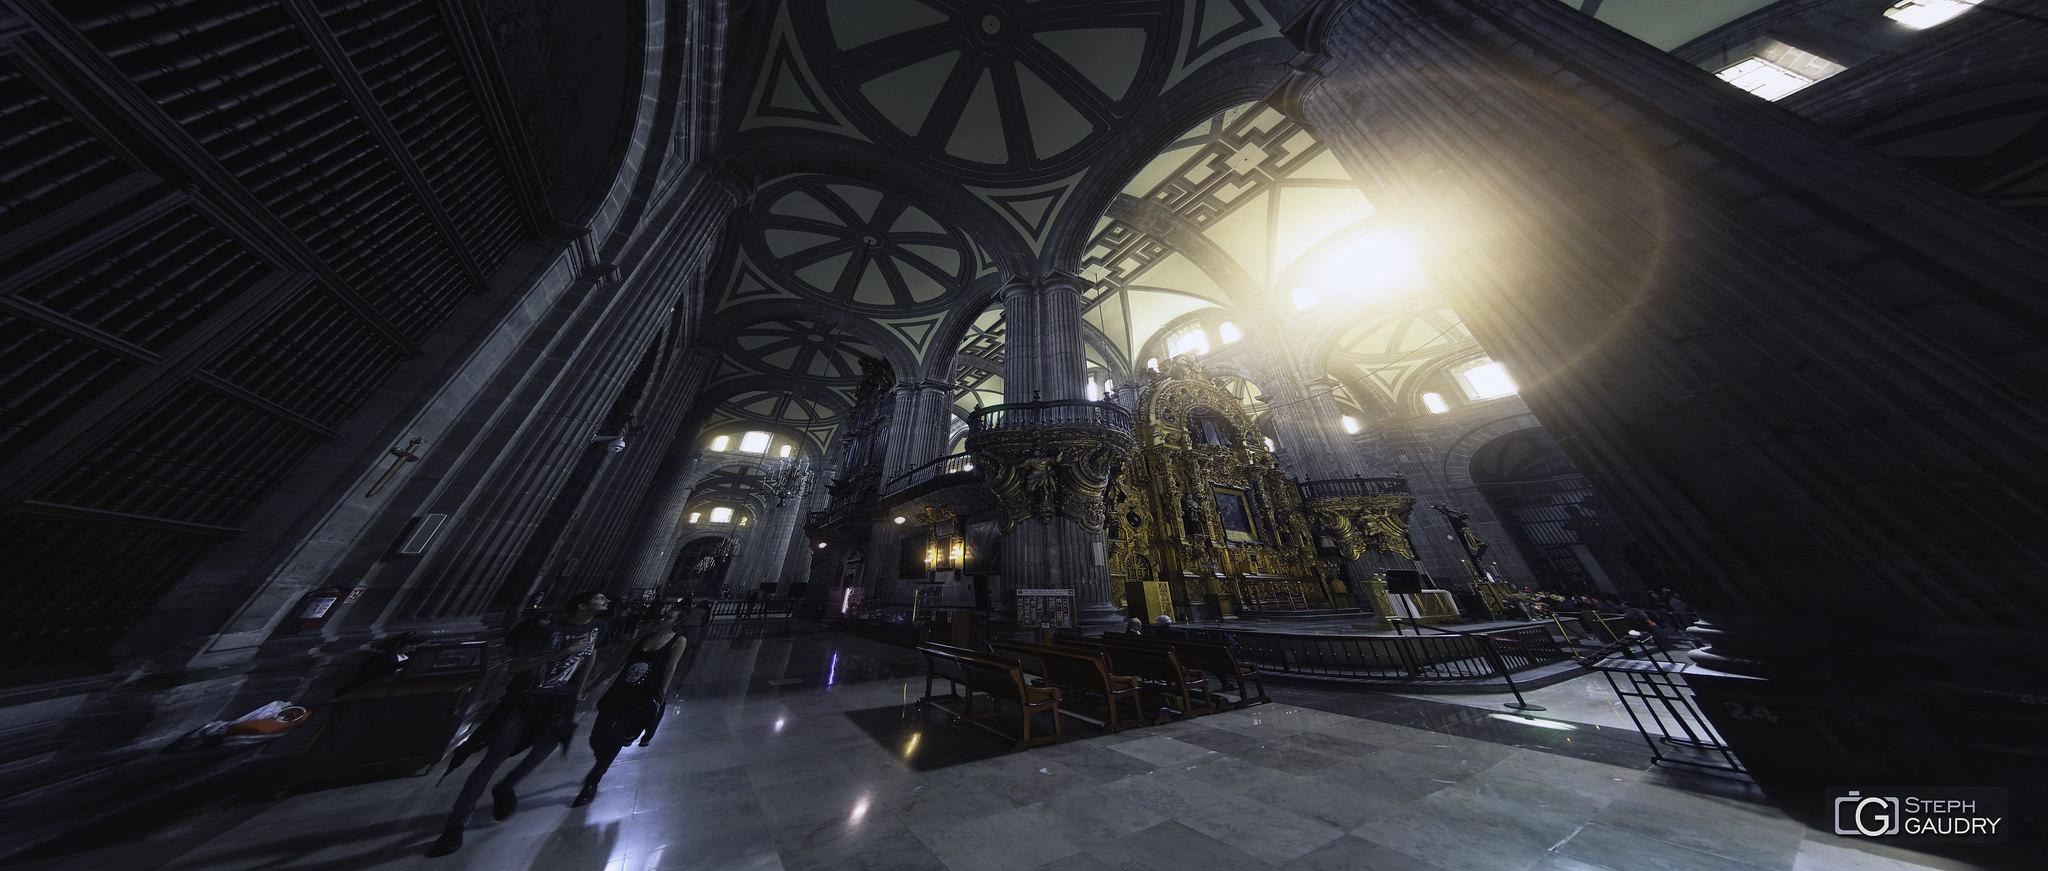 Catedral Metropolitana de la Asunción - México [Cliquez pour lancer le diaporama]